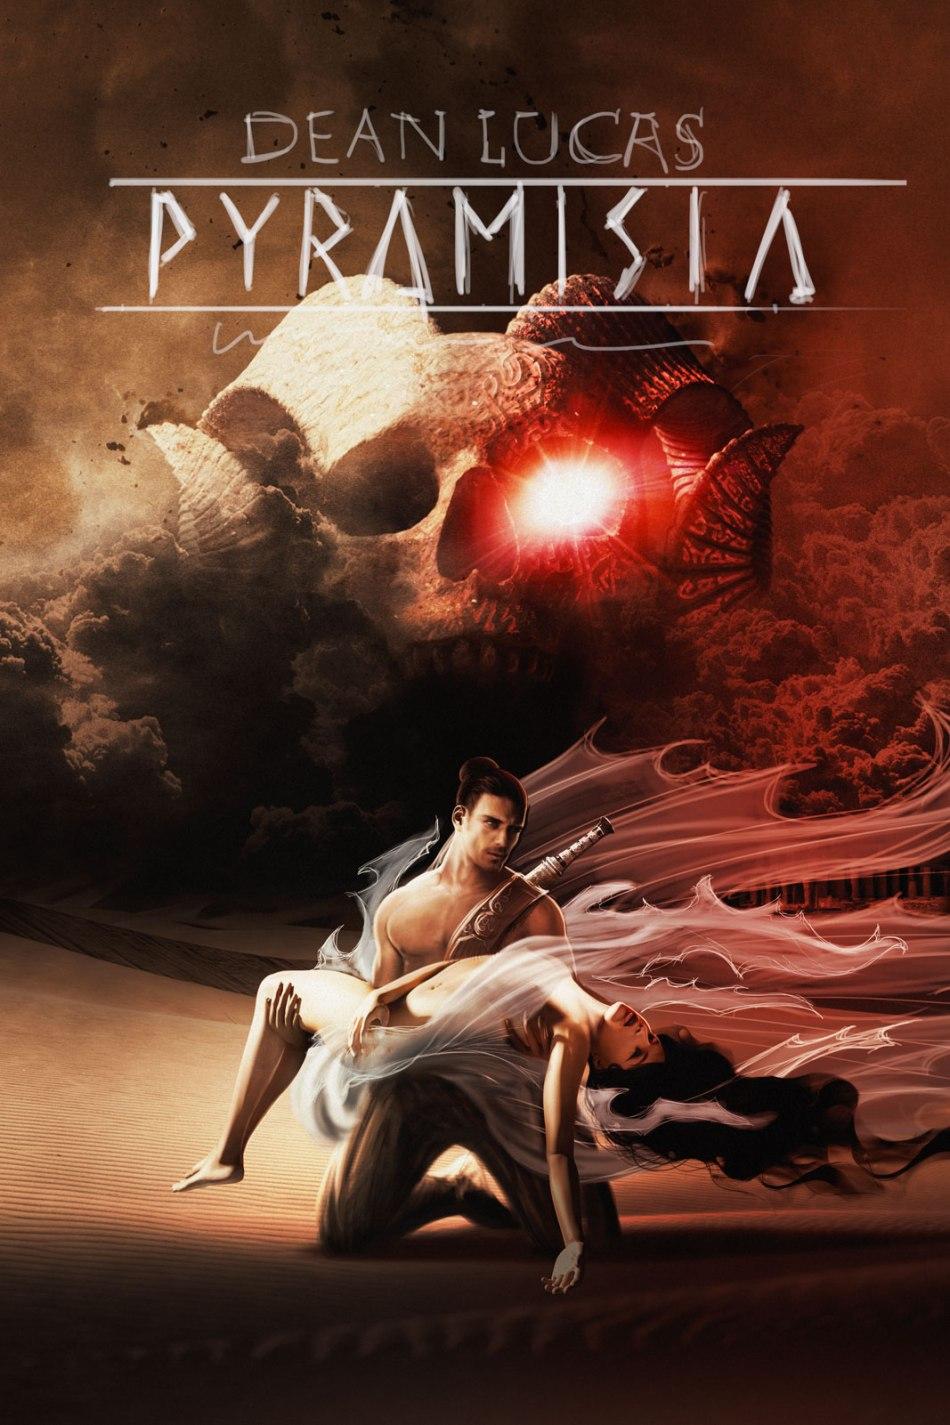 PYRAMISIA8